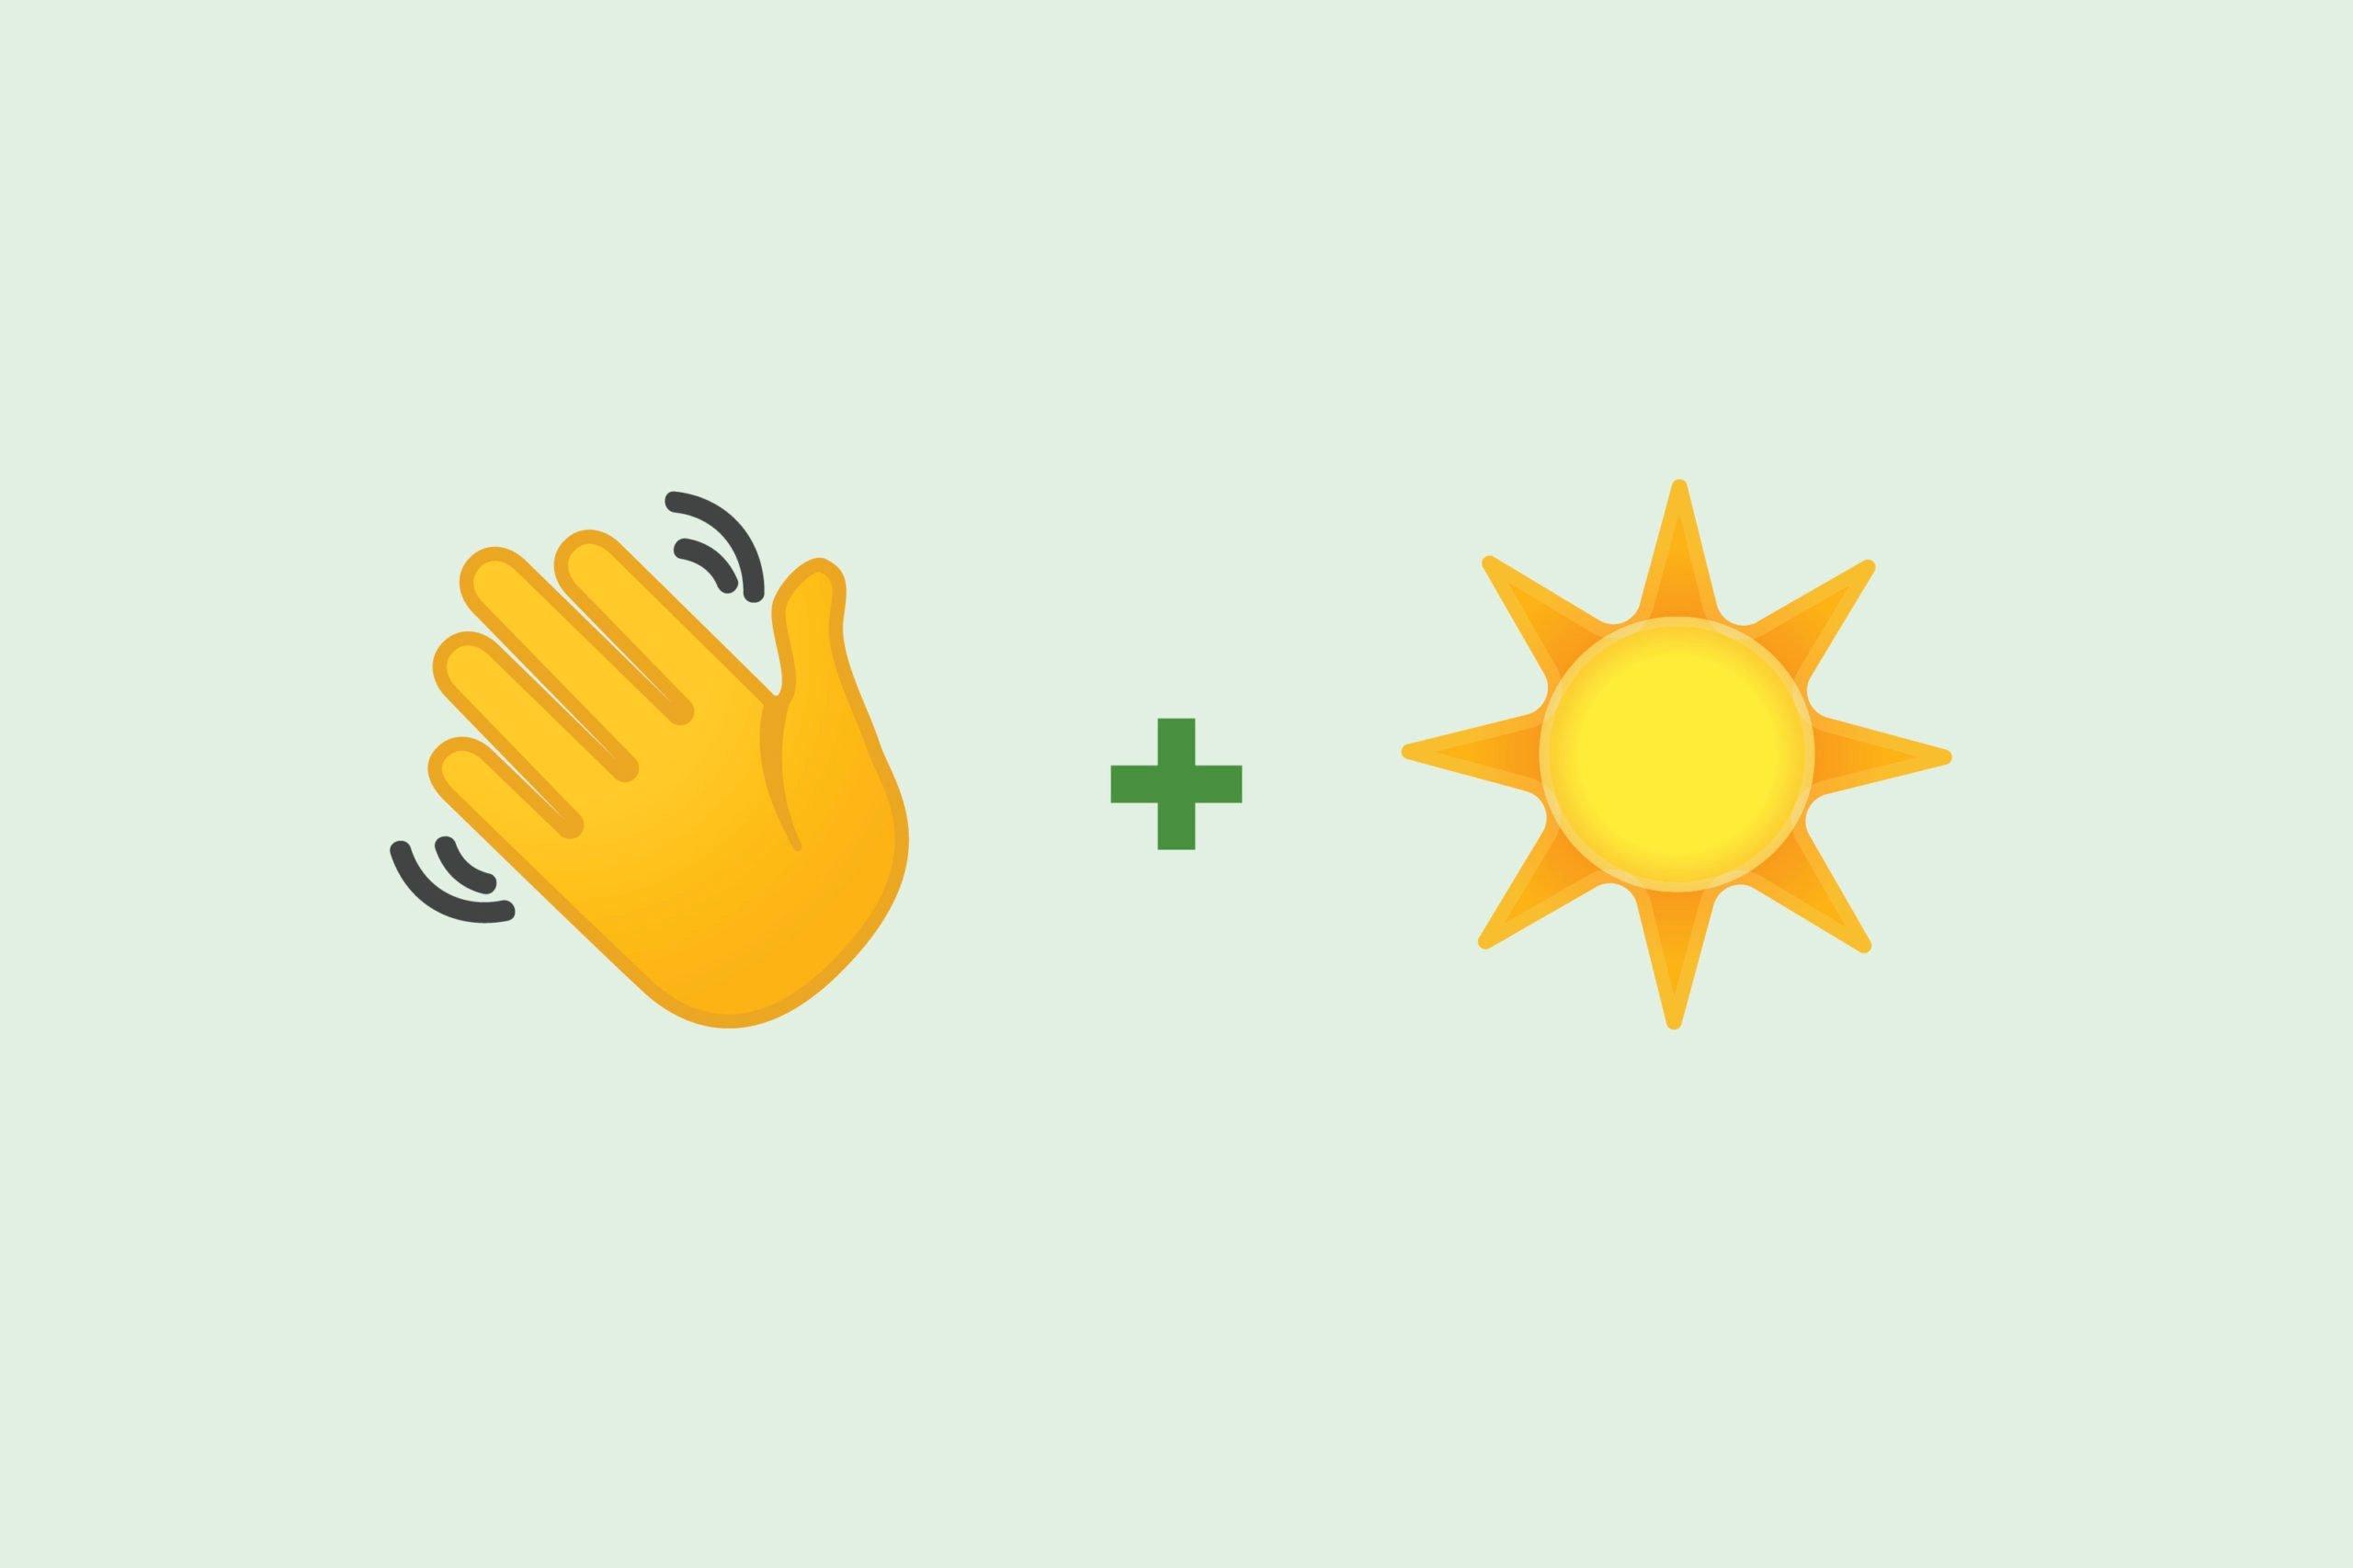 Waving emoji + sun emoji